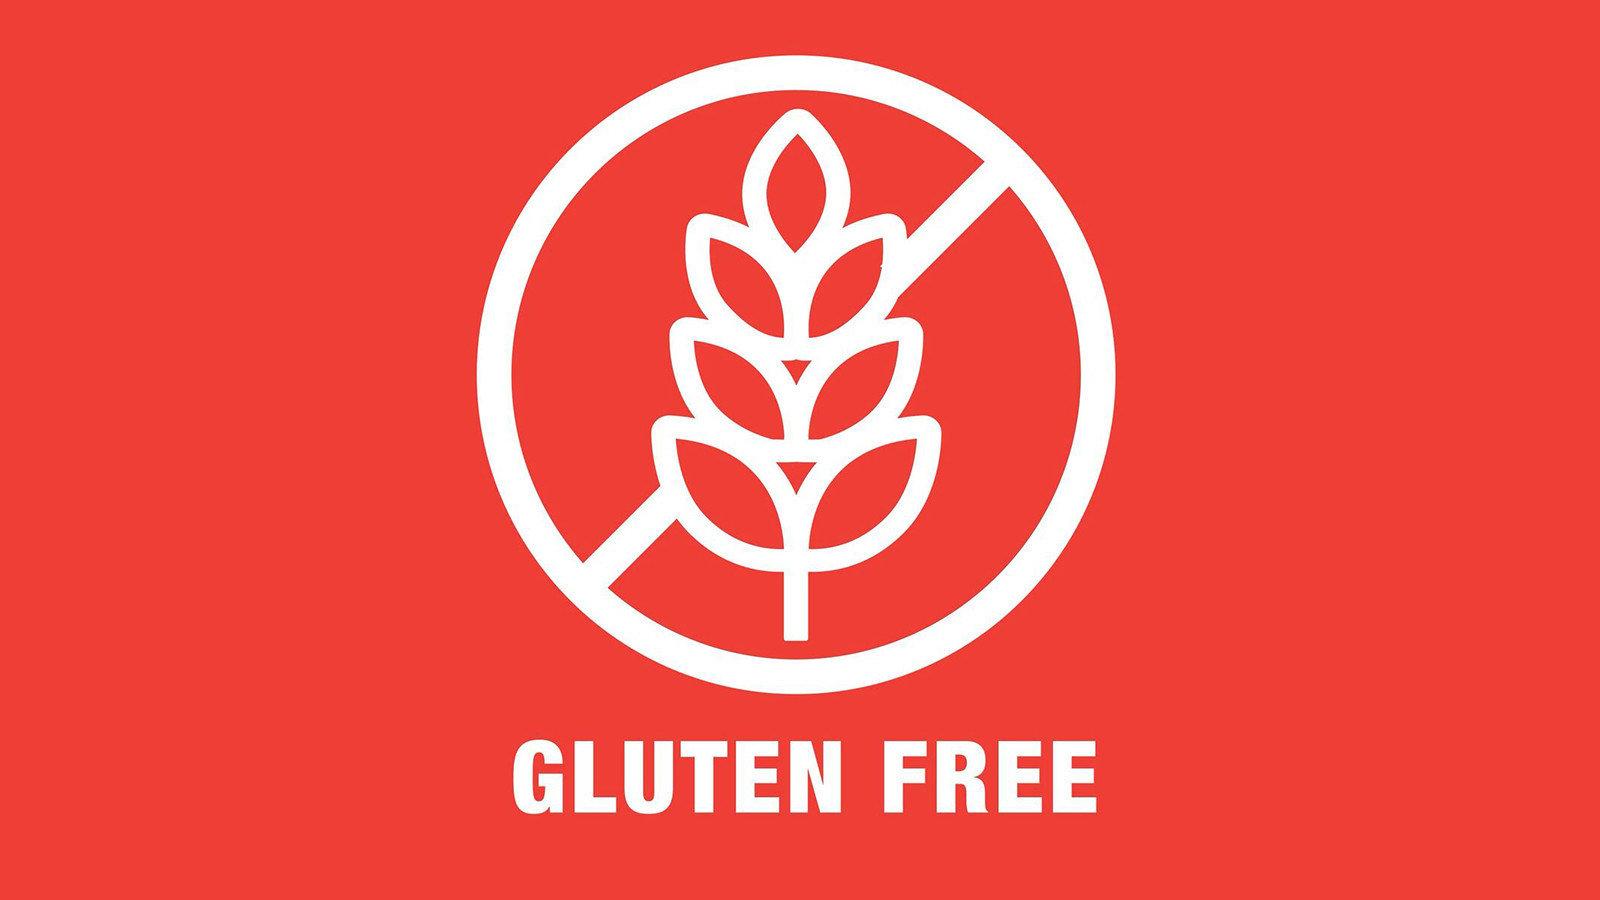 6 oznak nietolerancji glutenu: 1. Ból głowy- w przypadku nietolerancji na gluten, niektóre osoby mogą cierpieć na przewlekłe bóle głowy i migreny. 2. Chroniczne zmęczenie- nietolerancja glutenu jest jednym z czynników przyczyniających się do chronicznego zmęczenia; może występować kilka godzin po spożyciu glutenu. 3. Problemy trawienne- wzdęcia, gazy, biegunka to najczęstsze objawy. 4. Choroby autoimmunologiczne- nietolerancja glutenu może prowadzić m.in. do stwardnienia rozsianego, zapalenia tarczycy (Hashimoto), reumatoidalnego zapalenia stawów czy łuszczycy. 5. Zawroty głowy i zaburzenia równowagi- rzadko występujące, jednak możliwe objawy. 6. Rogowacenie- przyczyną jest brak kwasów tłuszczowych i uszkodzenia jelit wywołanych przez gluten. Zmiany pojawiają się zazwyczaj na udach i ramionach.